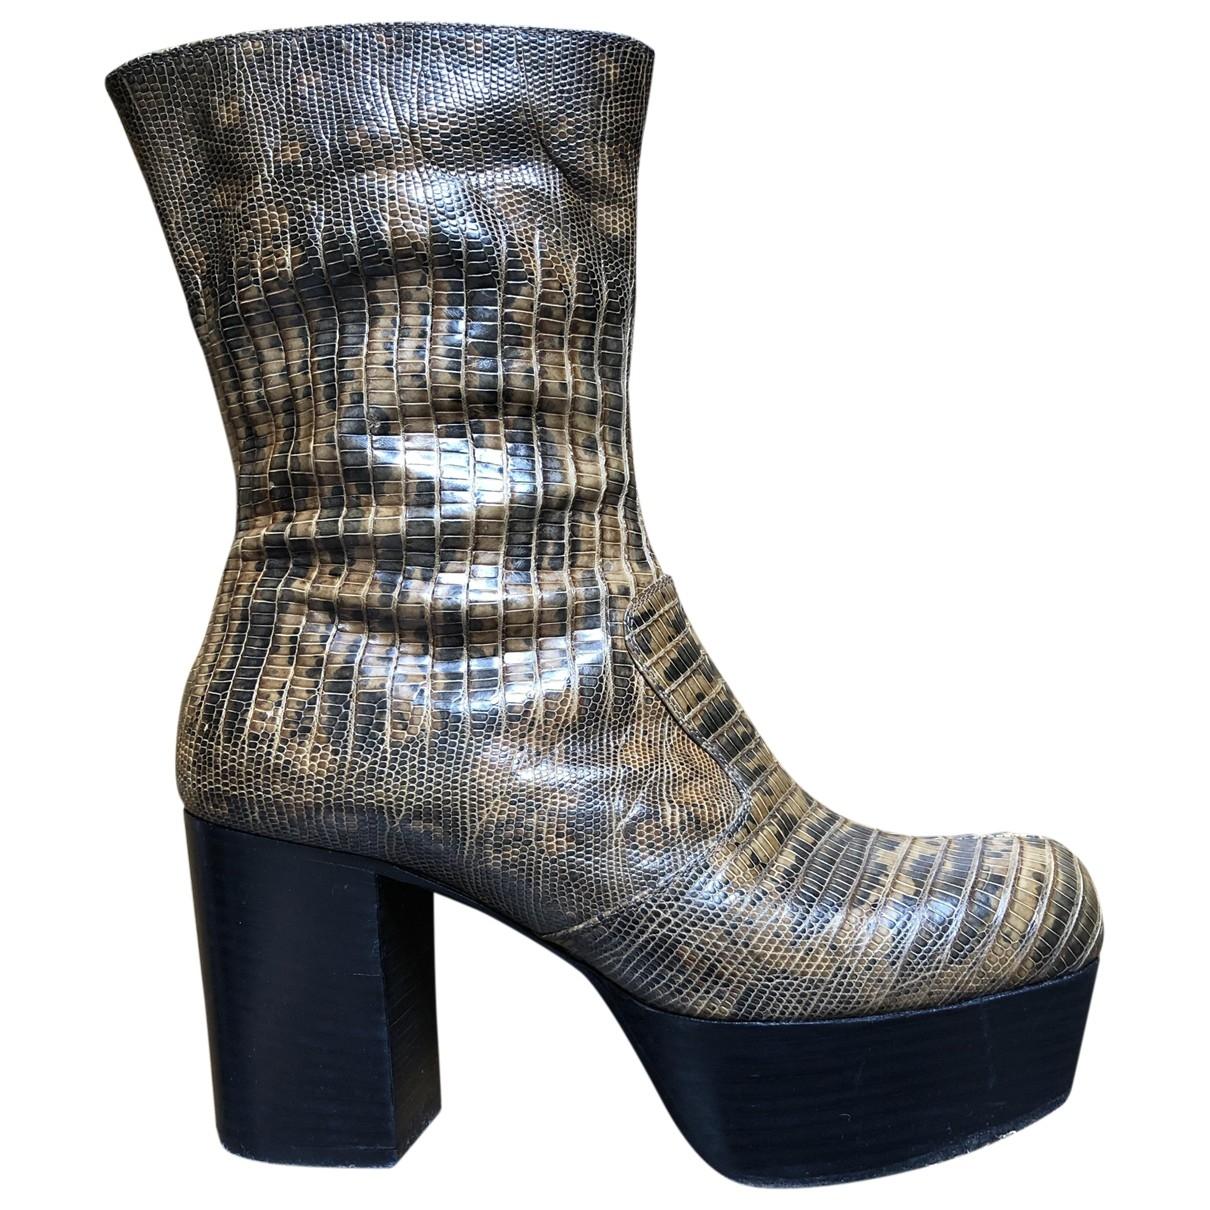 Miu Miu - Boots   pour femme en python - camel